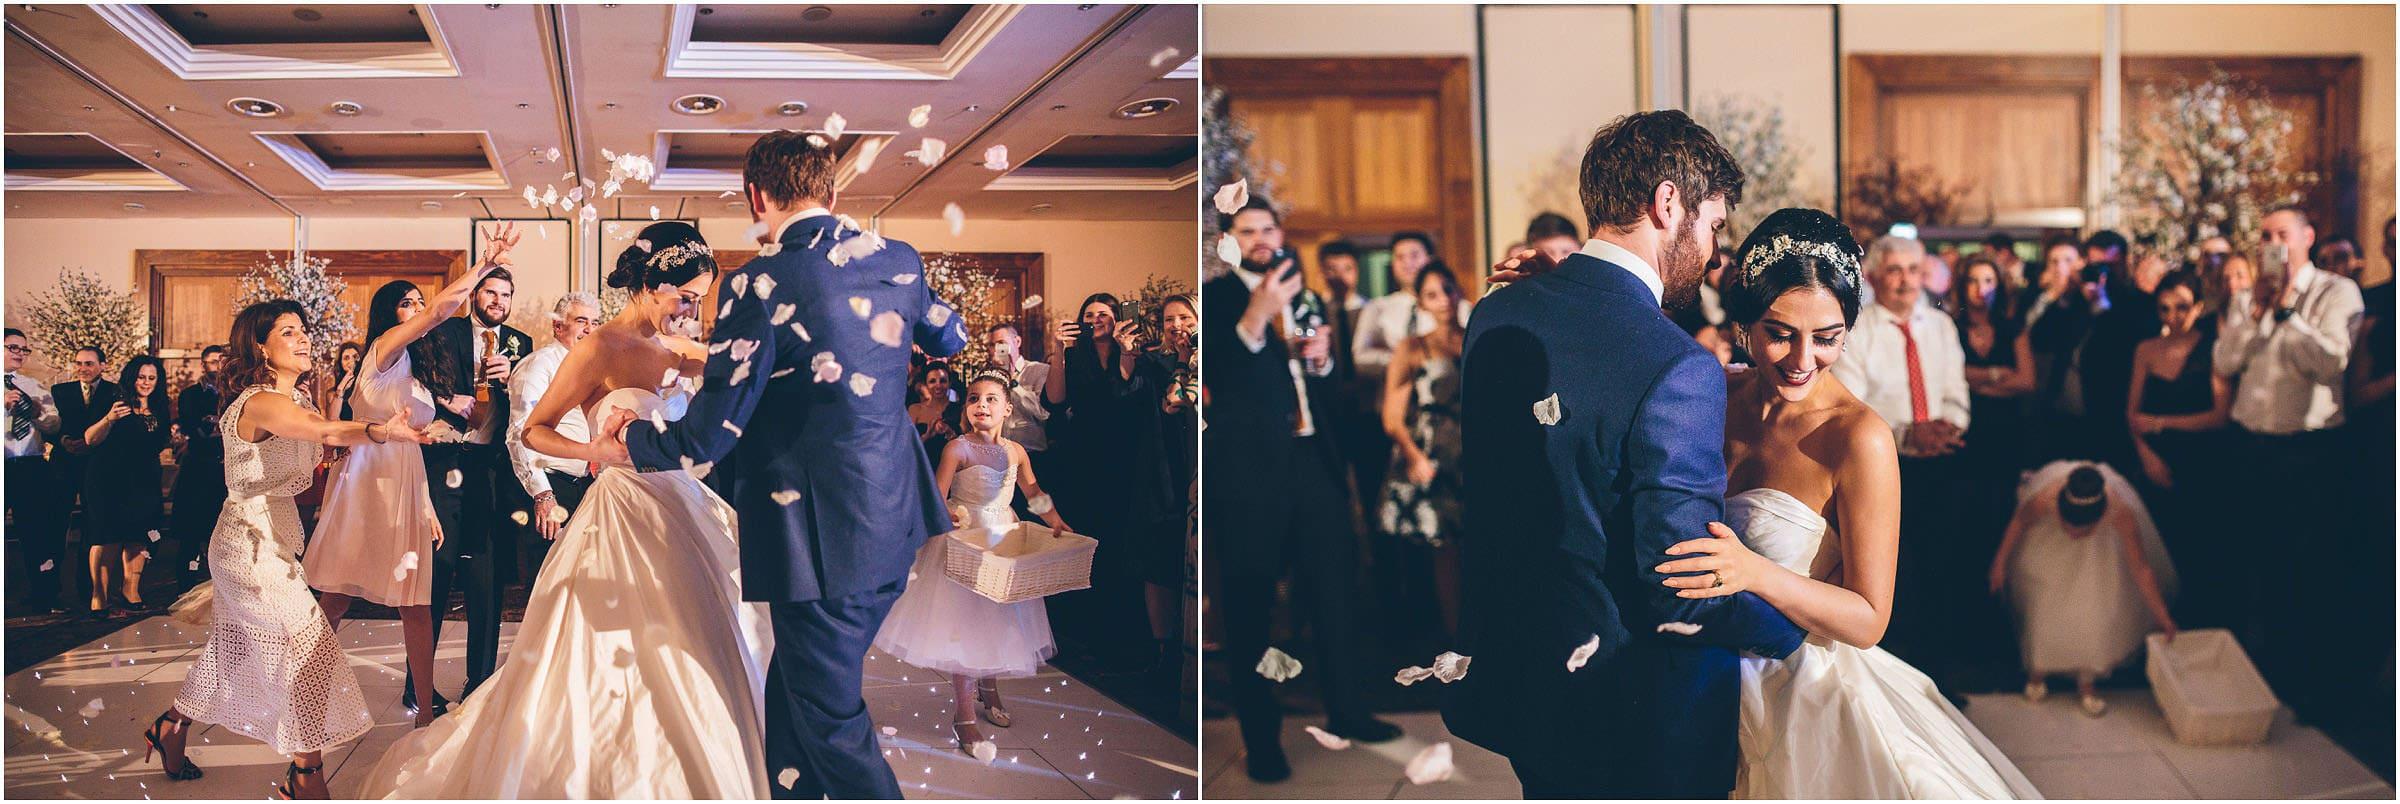 Crewe_Hall_Wedding_Photography_0120